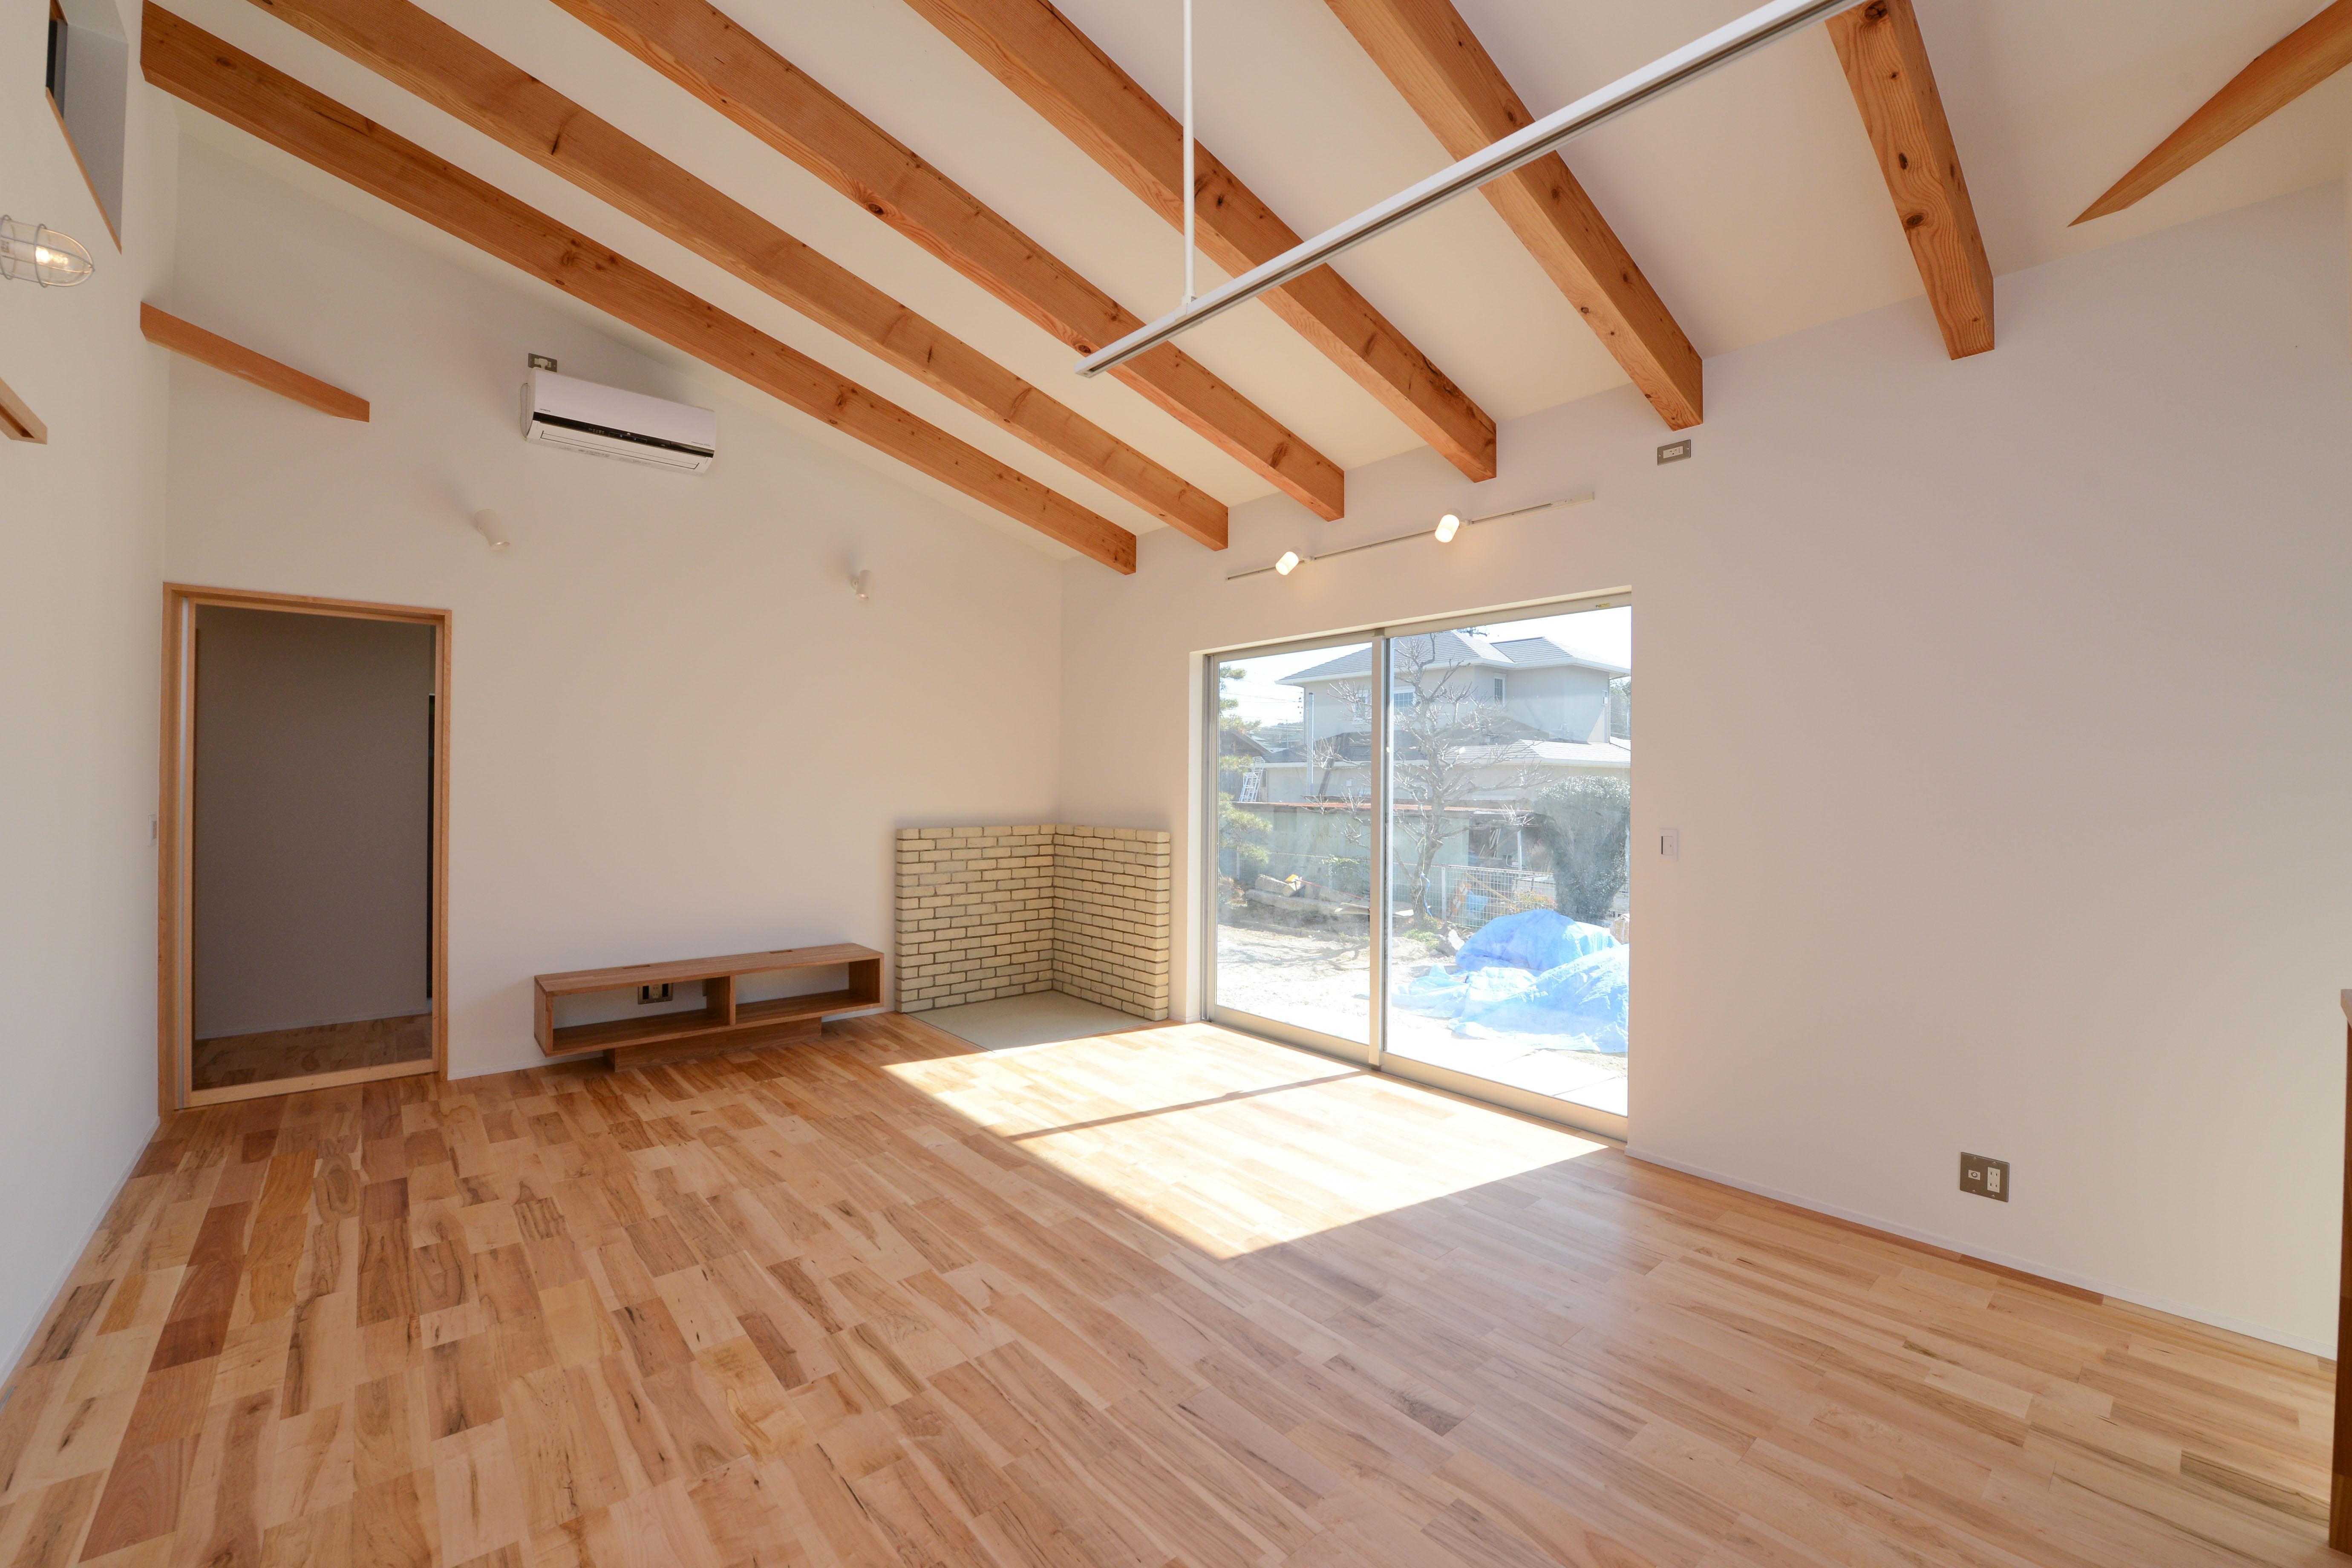 豊田市の家2の部屋 広々としたリビング